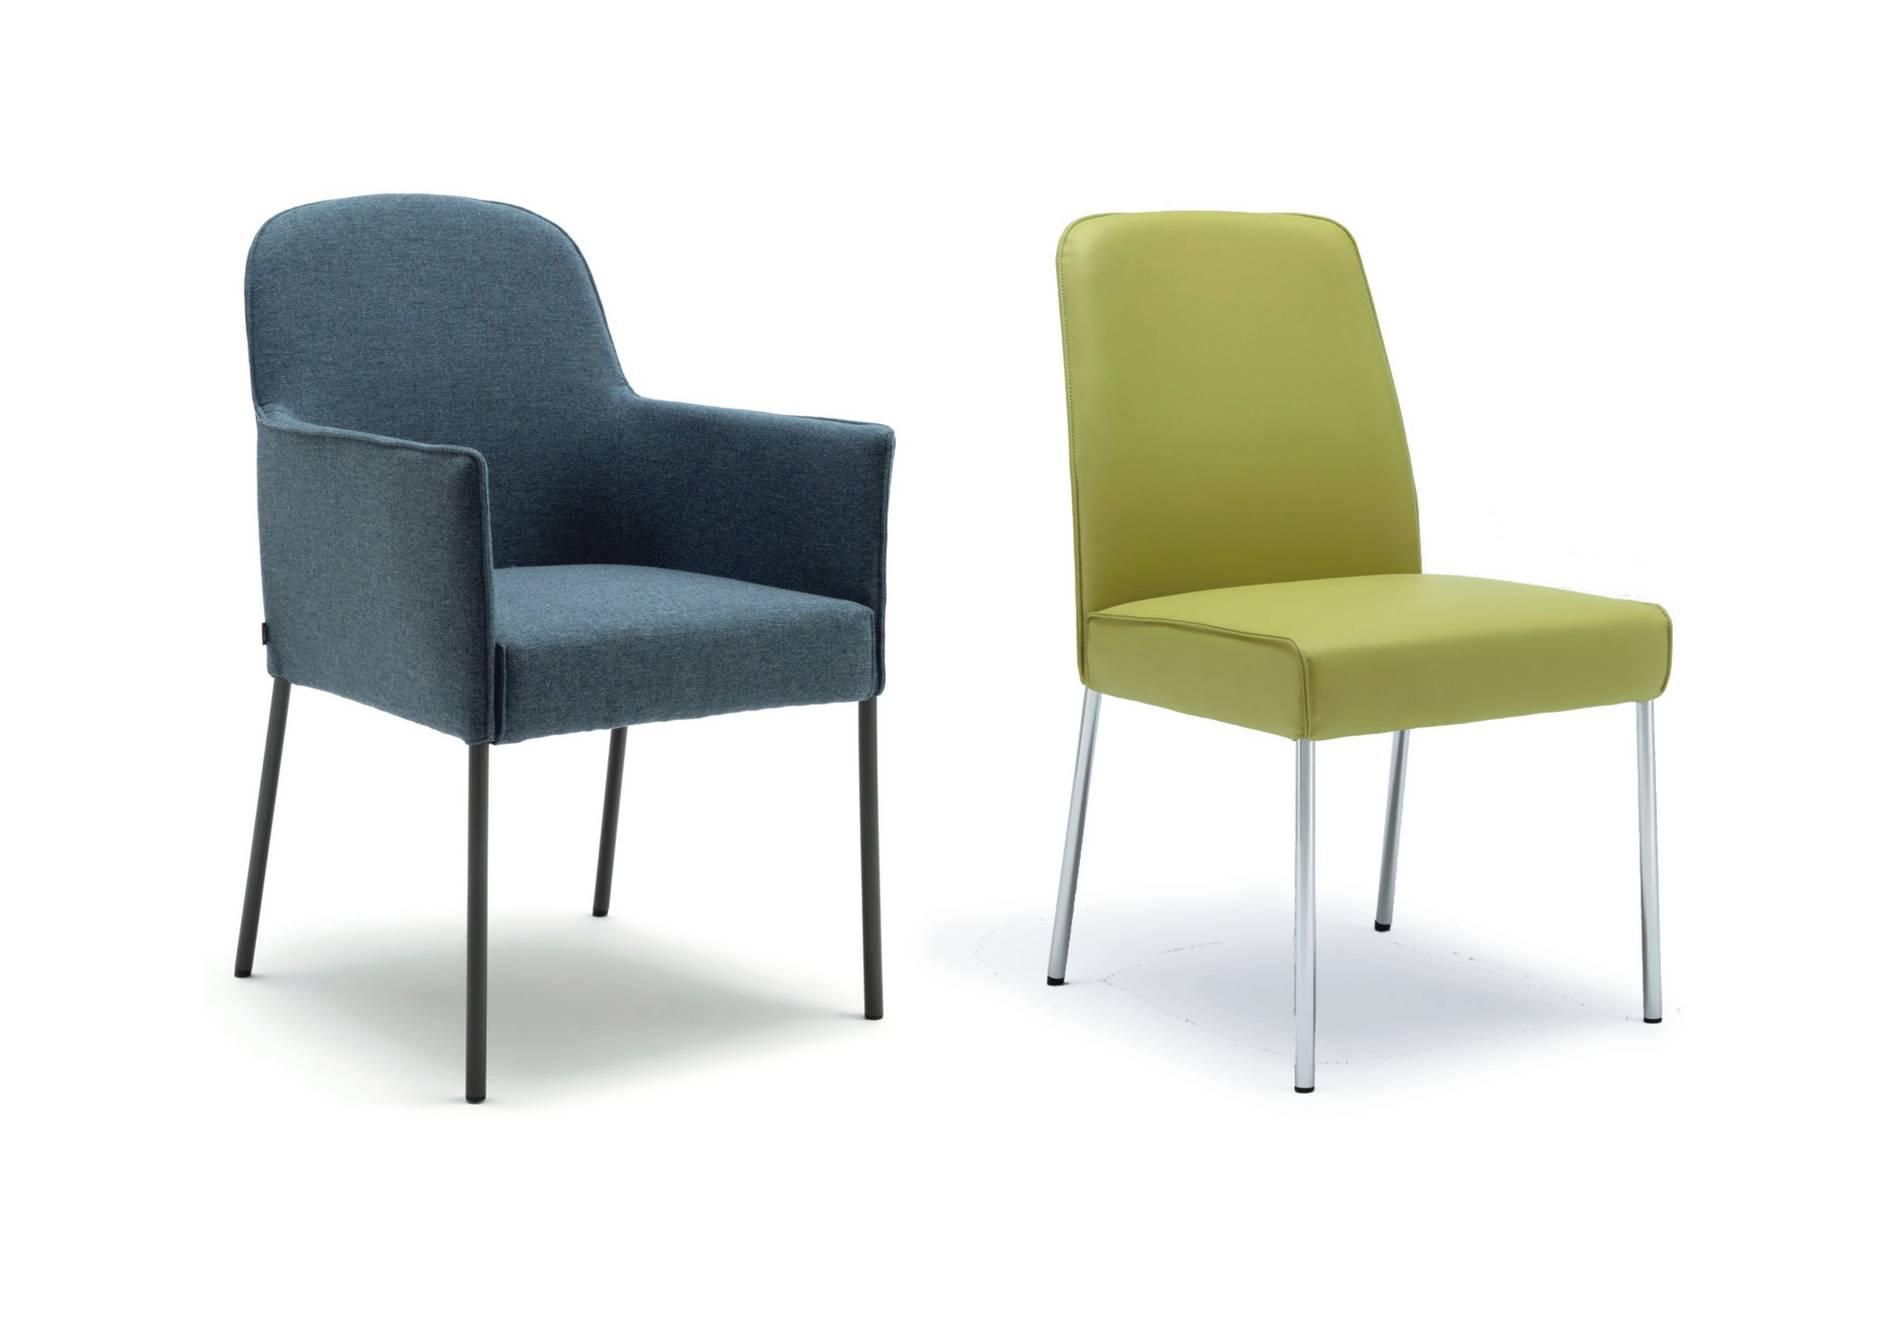 domatoria rolf benz. Black Bedroom Furniture Sets. Home Design Ideas